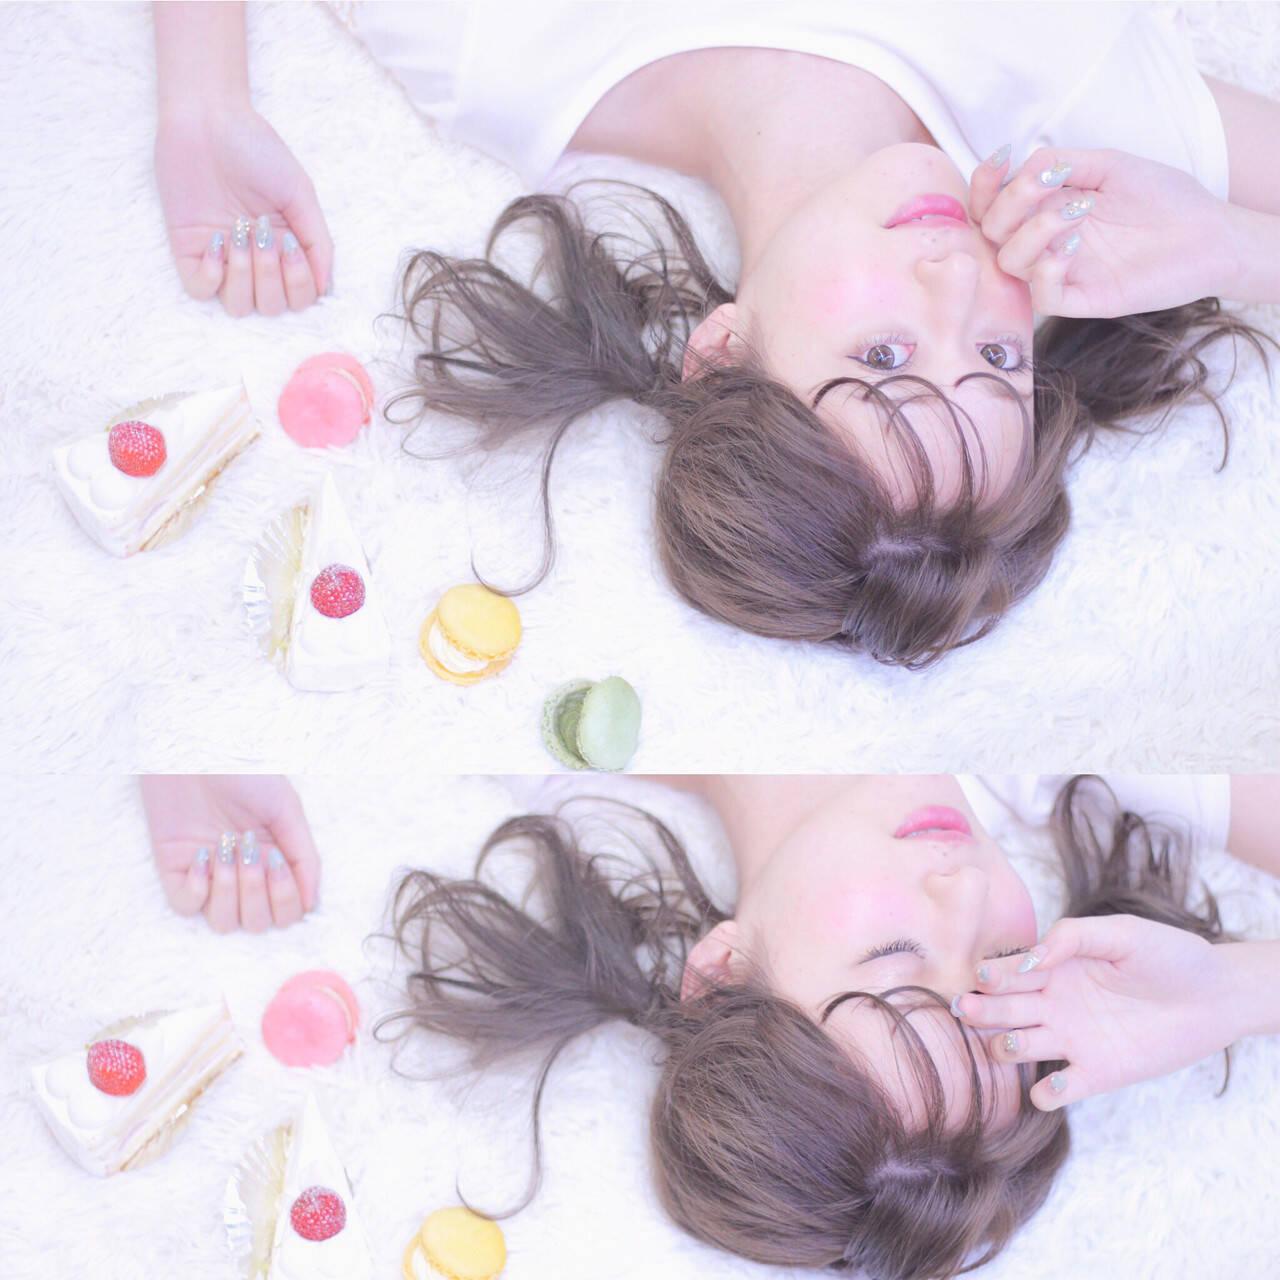 ミディアム ツインテール ガーリー ヘアアレンジヘアスタイルや髪型の写真・画像